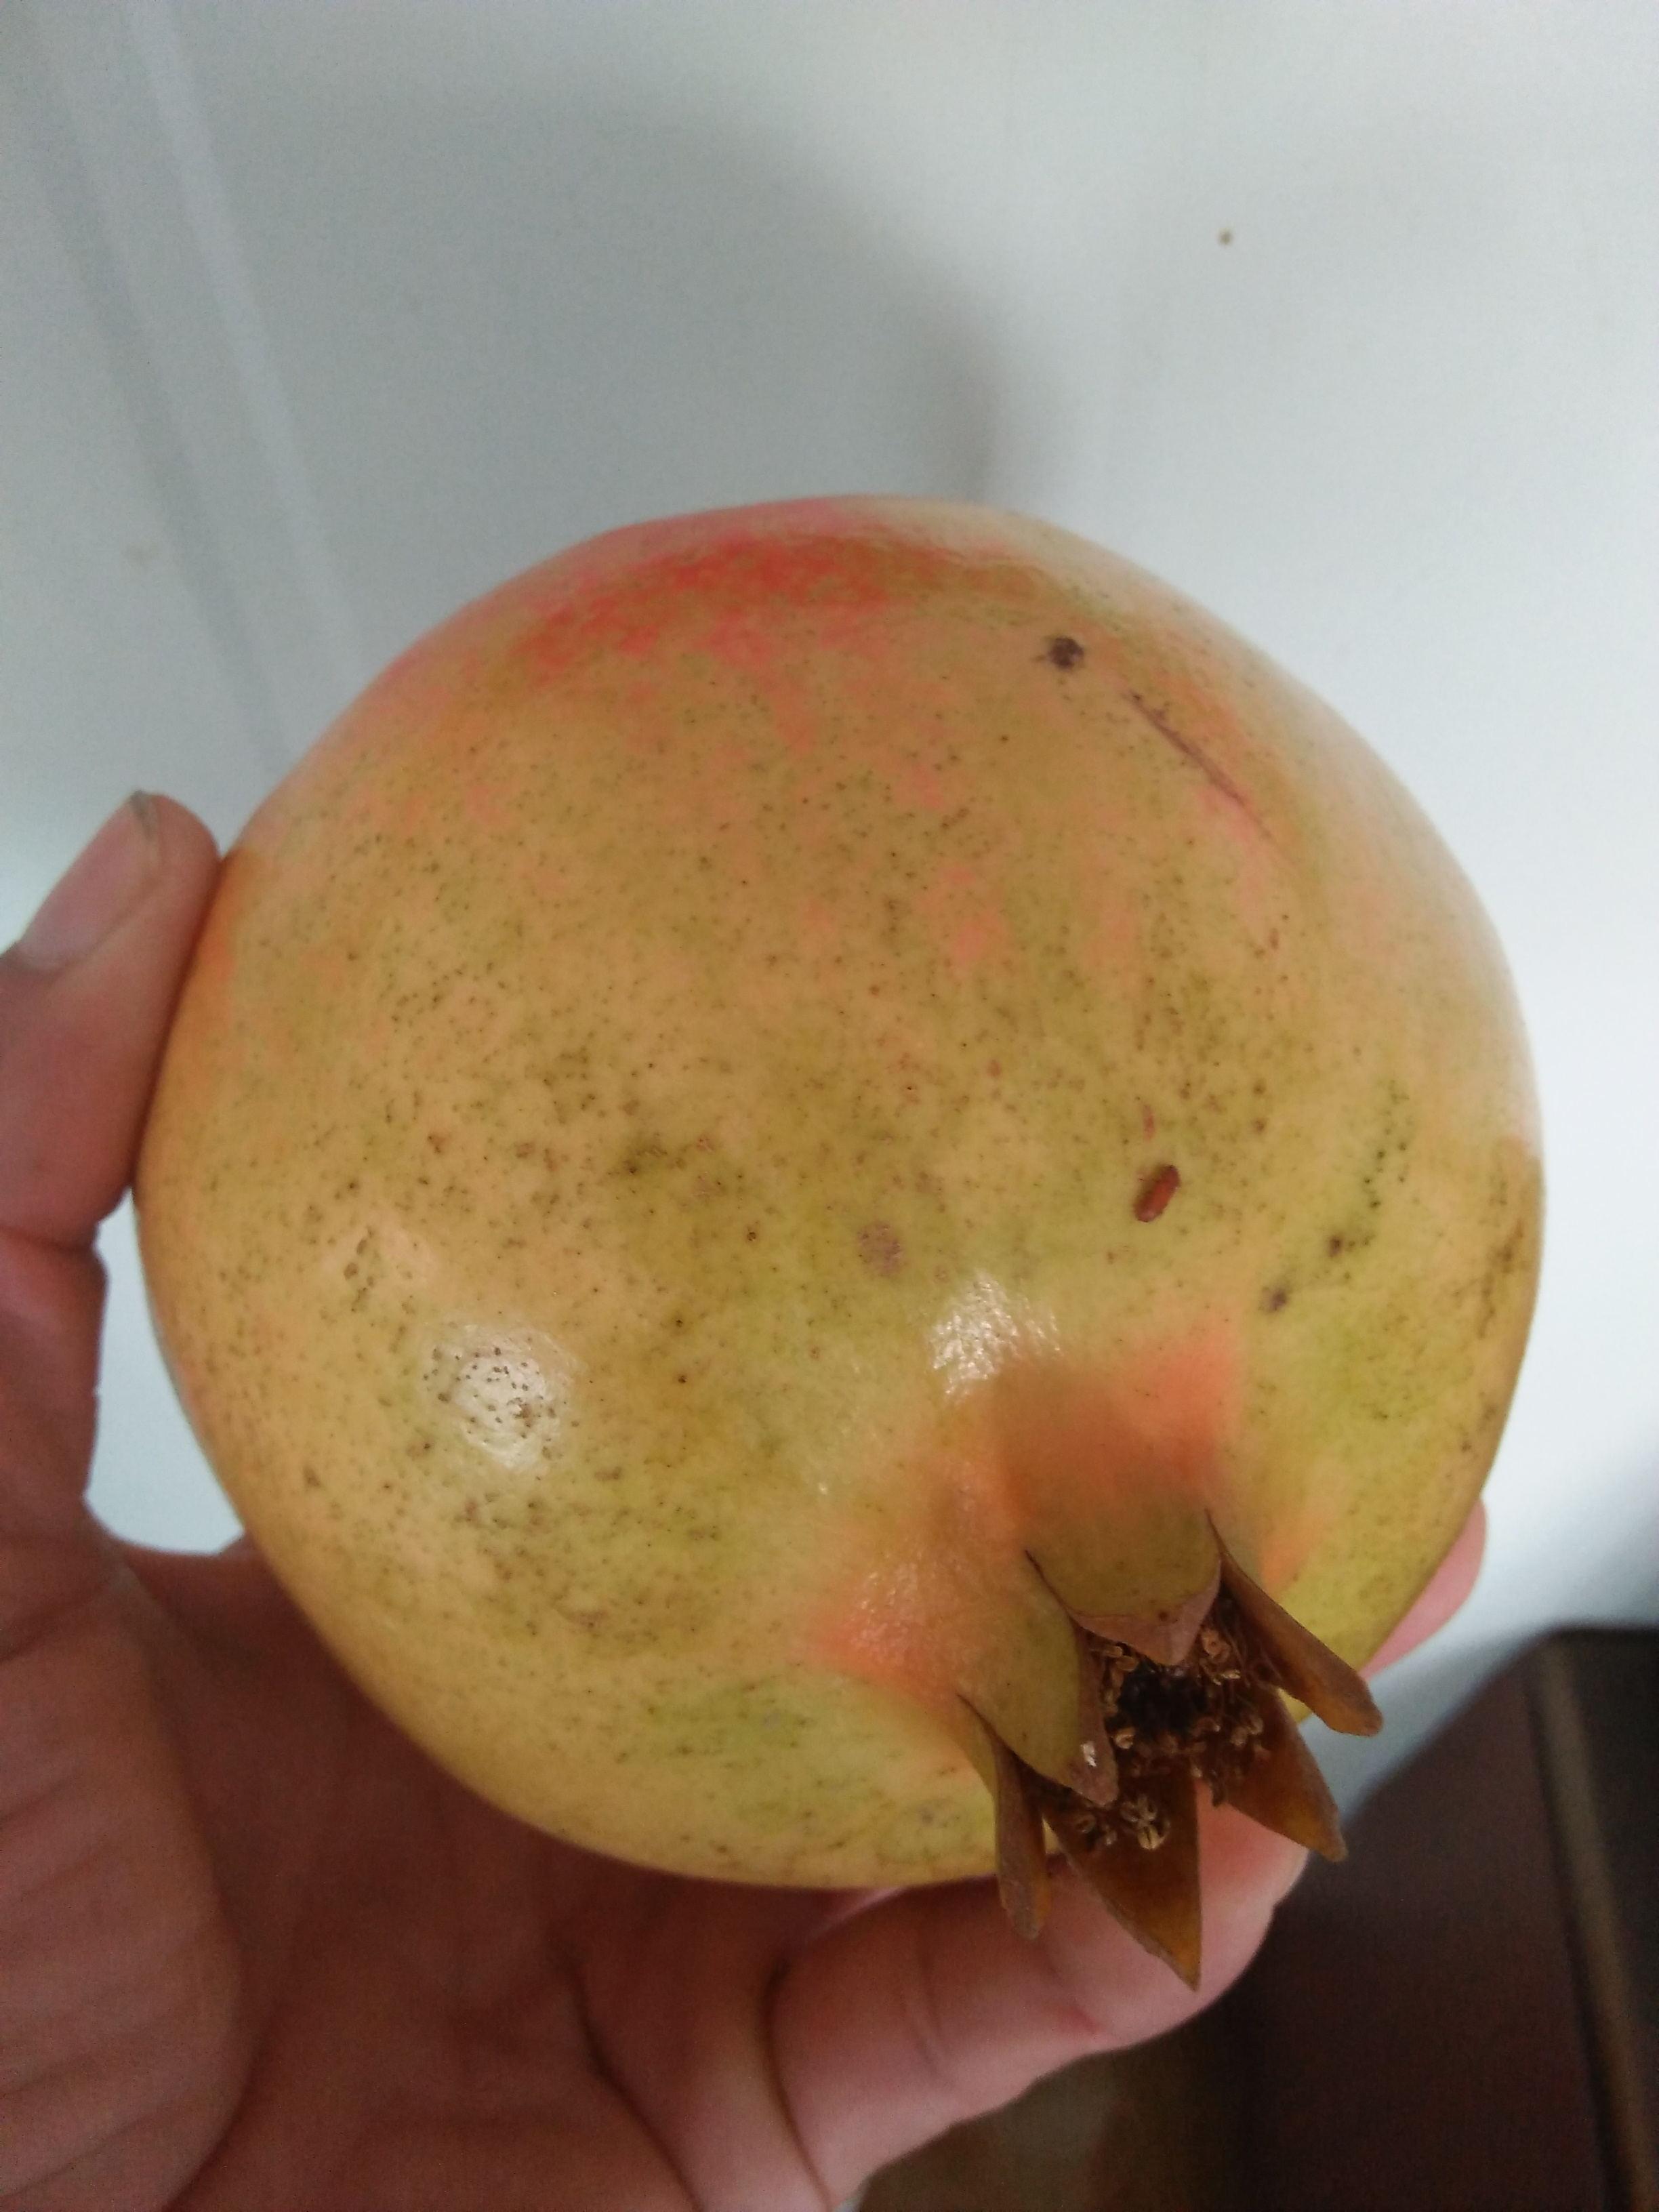 延安分类信息网陕西延安苹果树苗多少钱